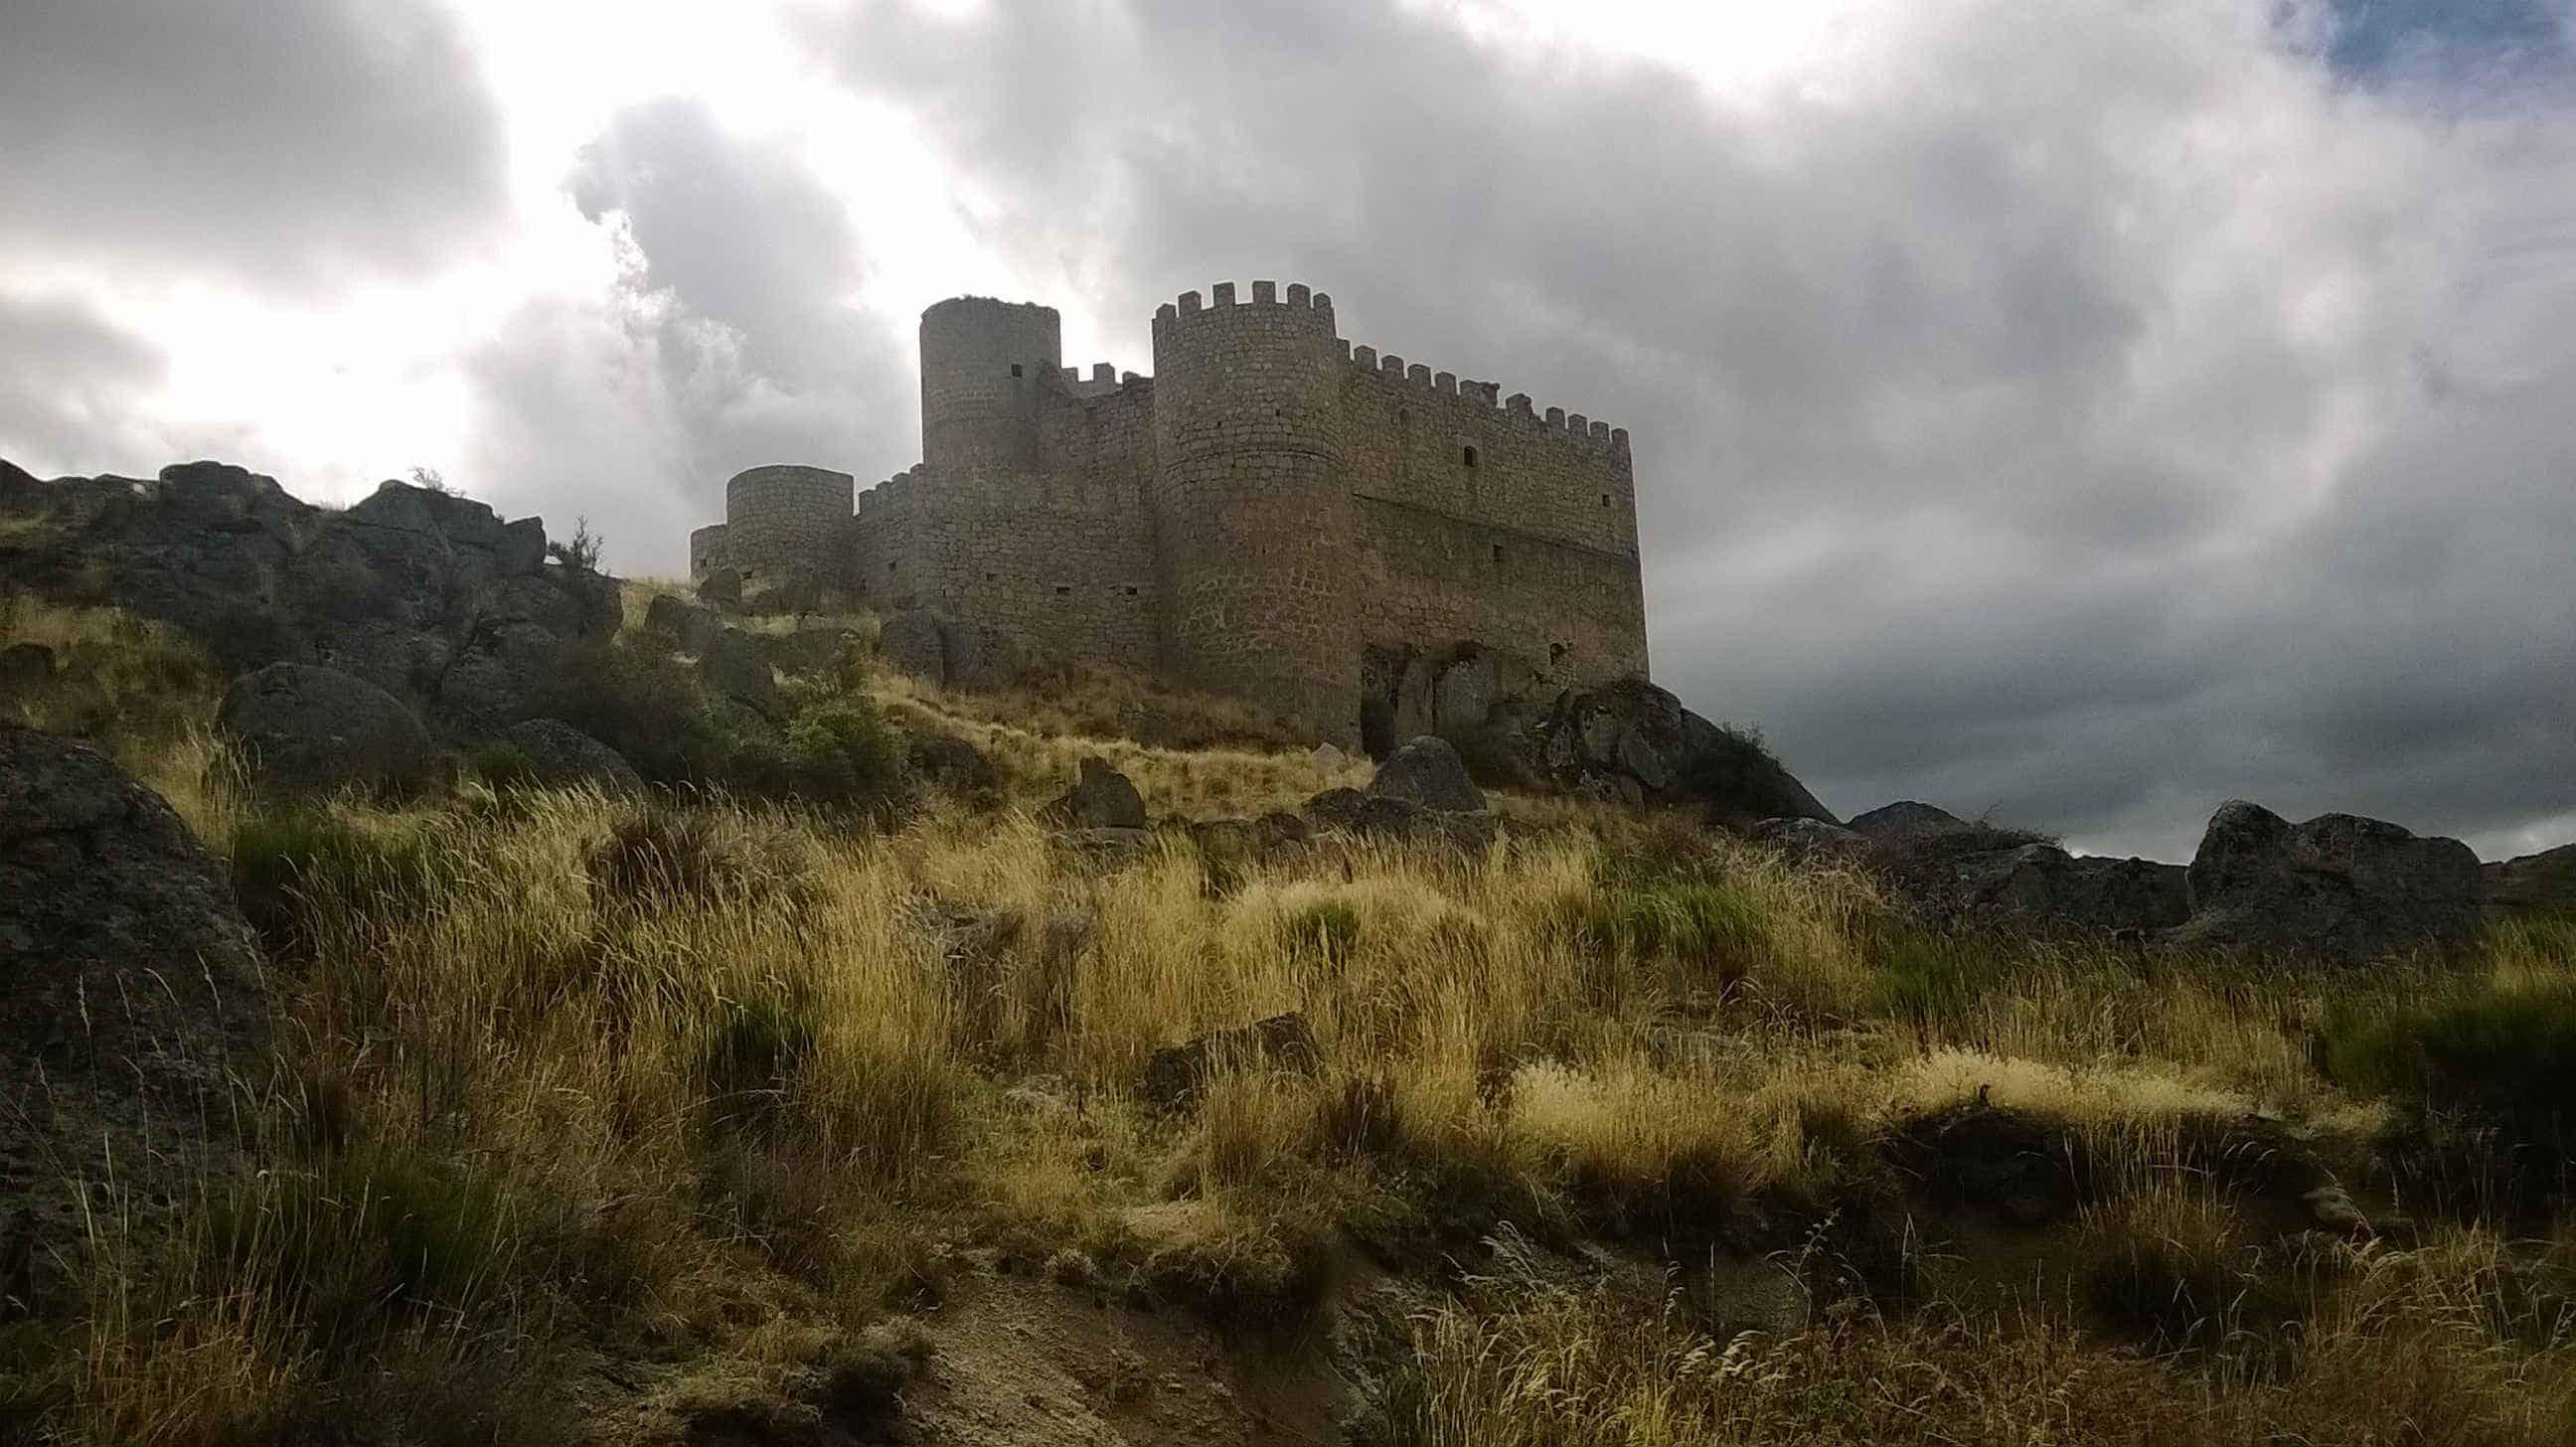 Castillo de Manqueospese o aunqueospese